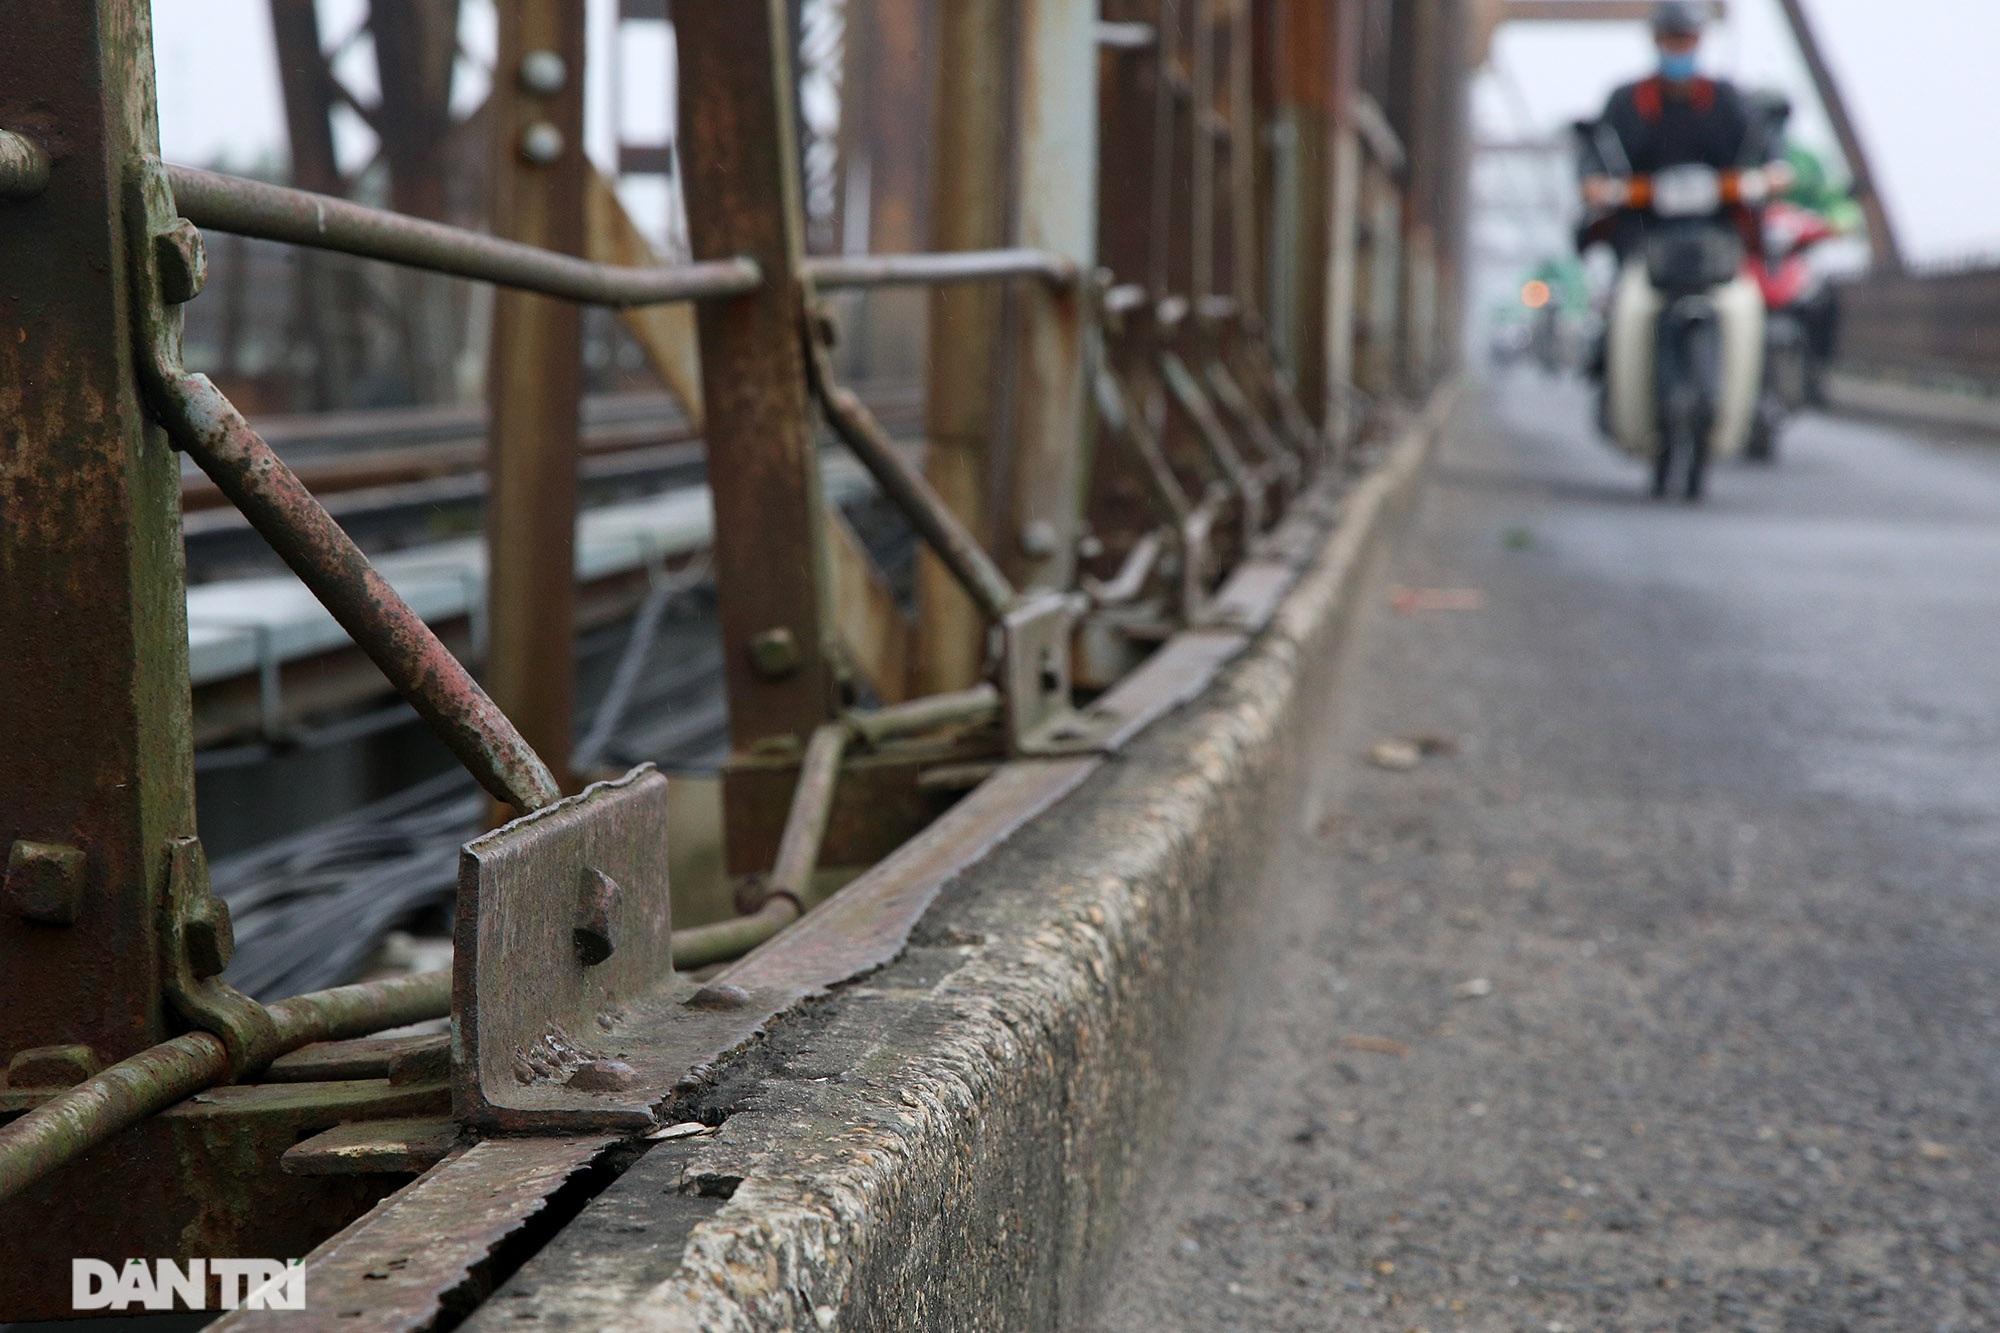 Cầu Long Biên như bị bỏ rơi, gỉ sét xuống cấp nghiêm trọng - 13